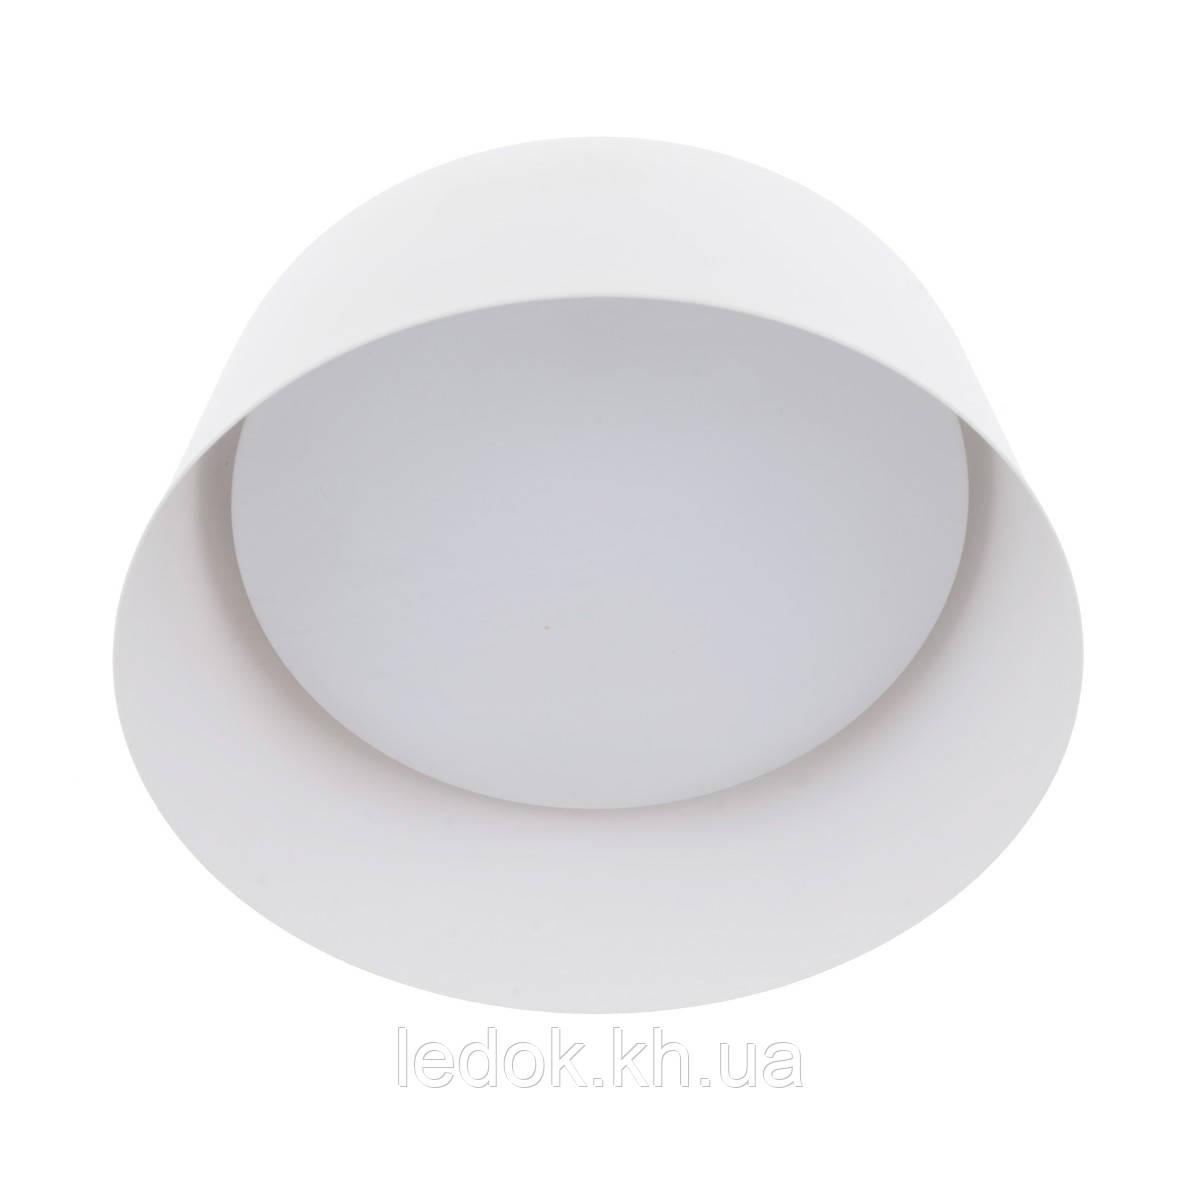 Светильник настенно-потолочный светодиодный накладной BL-597C/12W WW WH